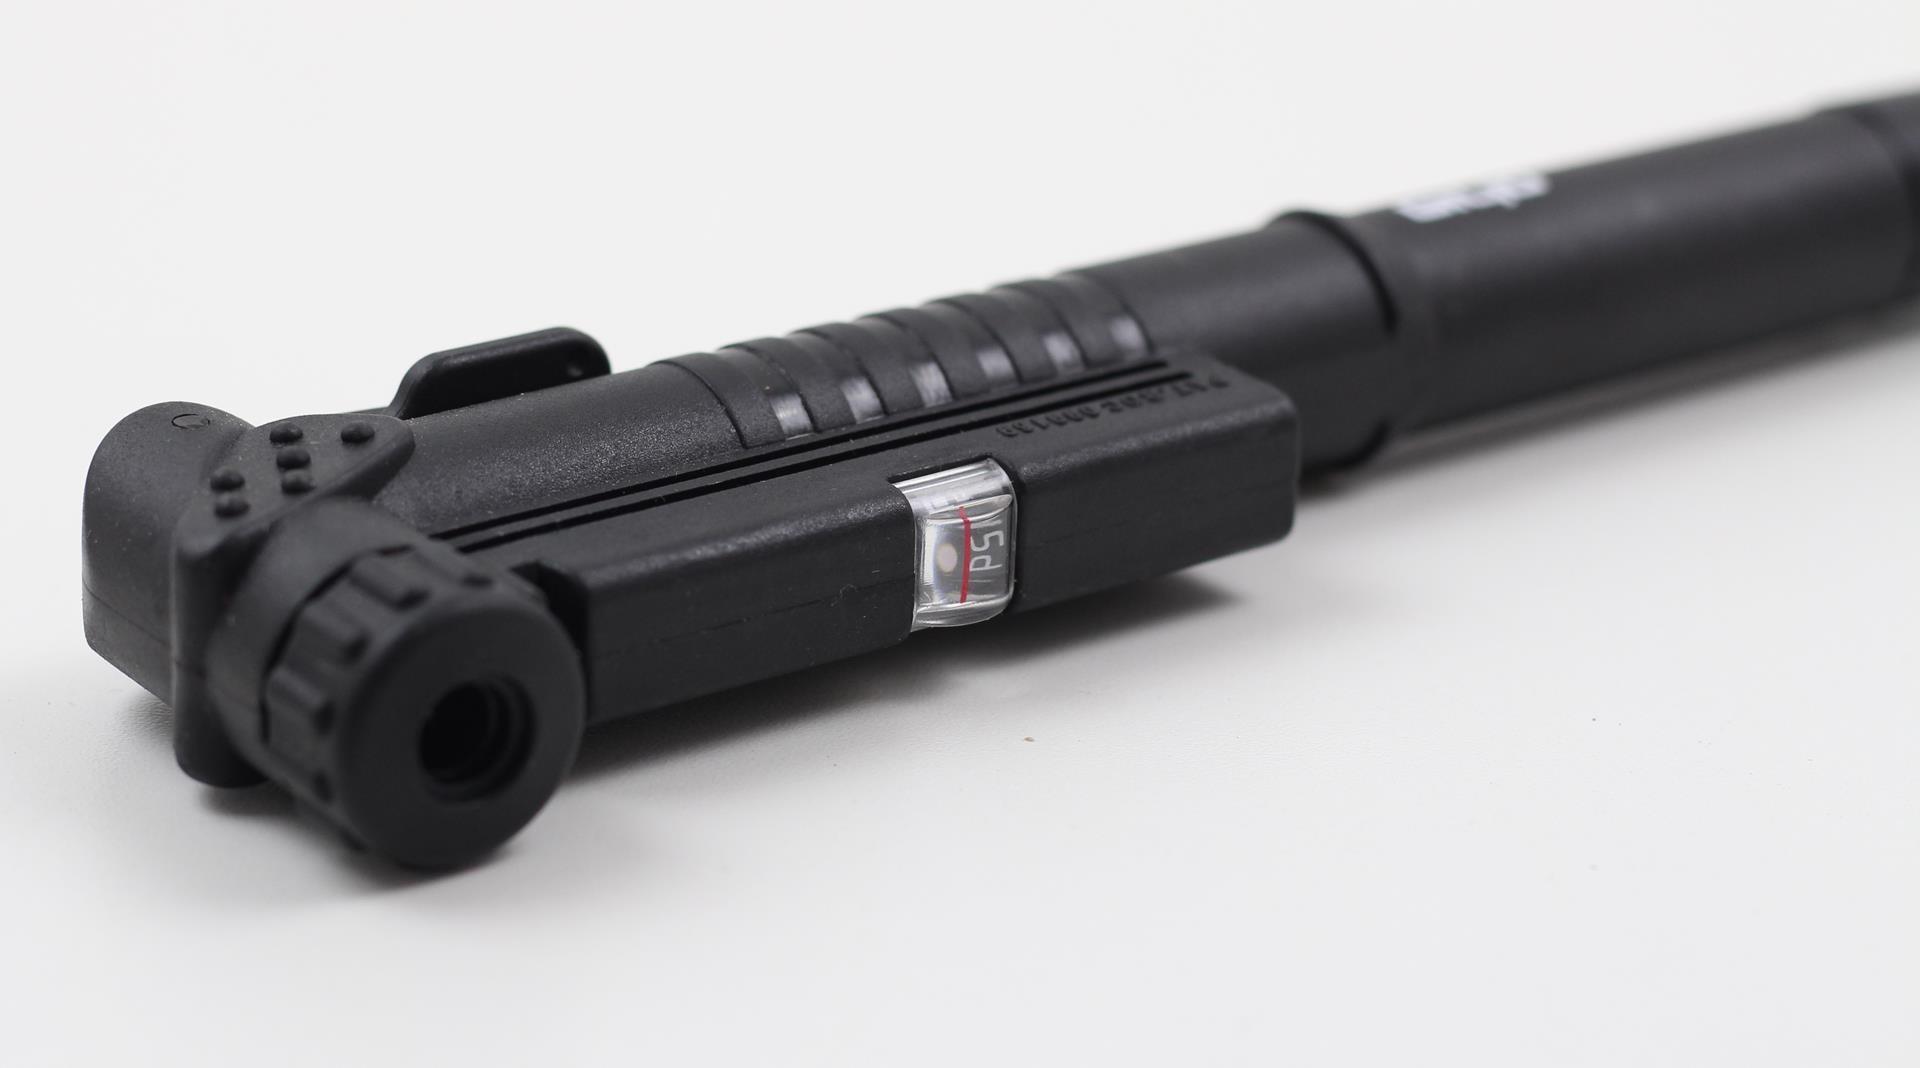 Mini Bomba Portatil para Bicicleta Giyo GP66 com Haste Telescopia até 100 psi com Manômetro